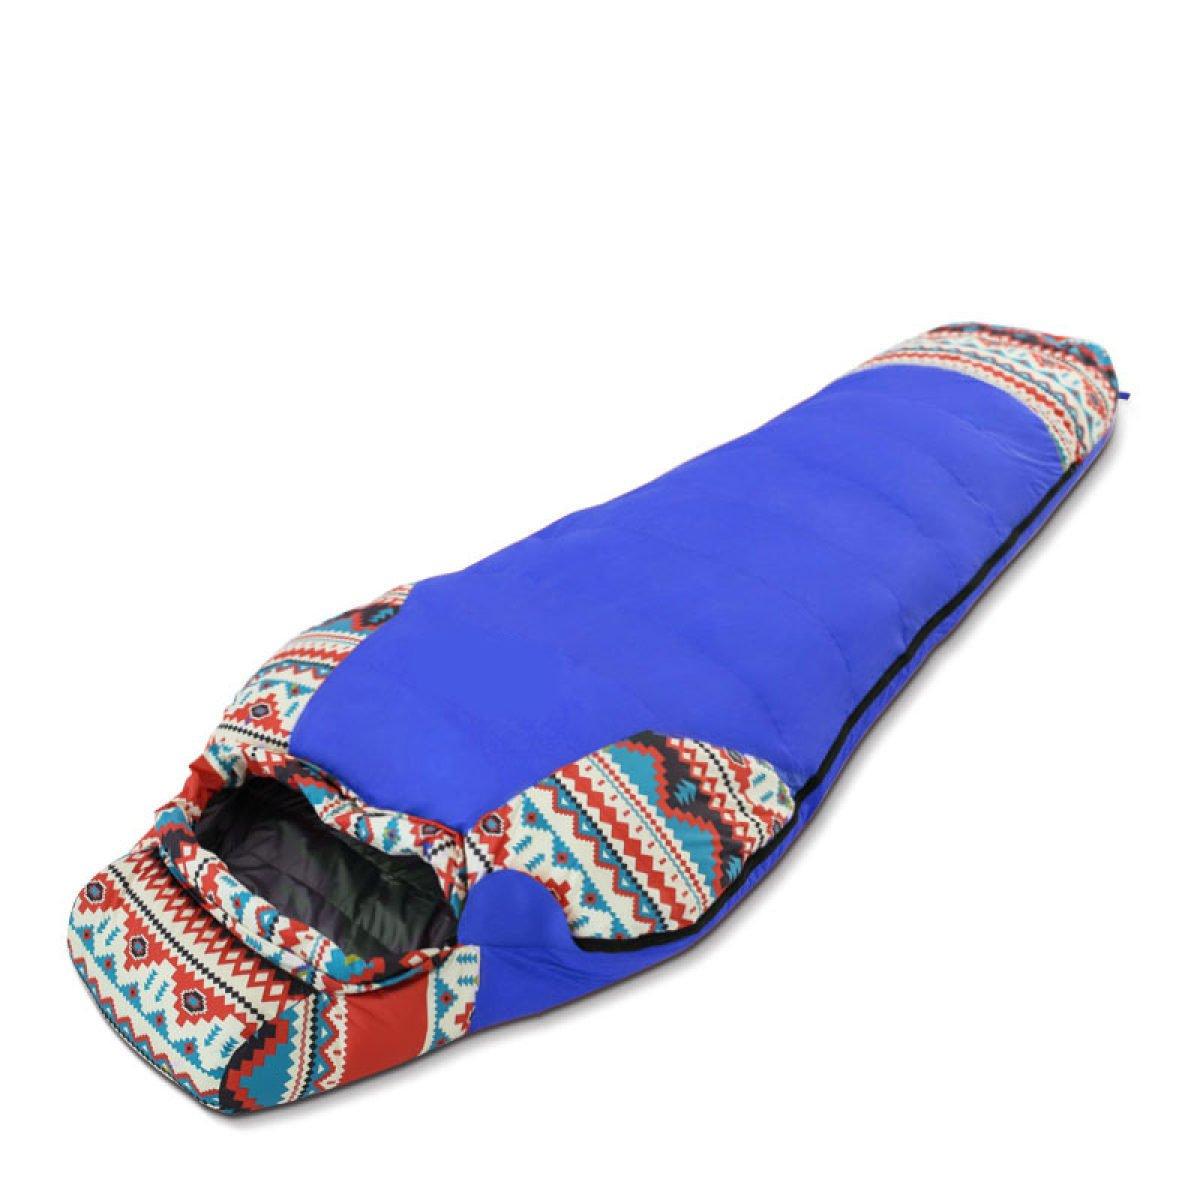 Addora Wandern Reisen Schlafsäcke Schlafsäcke Schlafsäcke Licht 3 Jahreszeiten Orange Blau B06Y4M1VLG Mumienschlafscke Neuankömmling 87e7a5